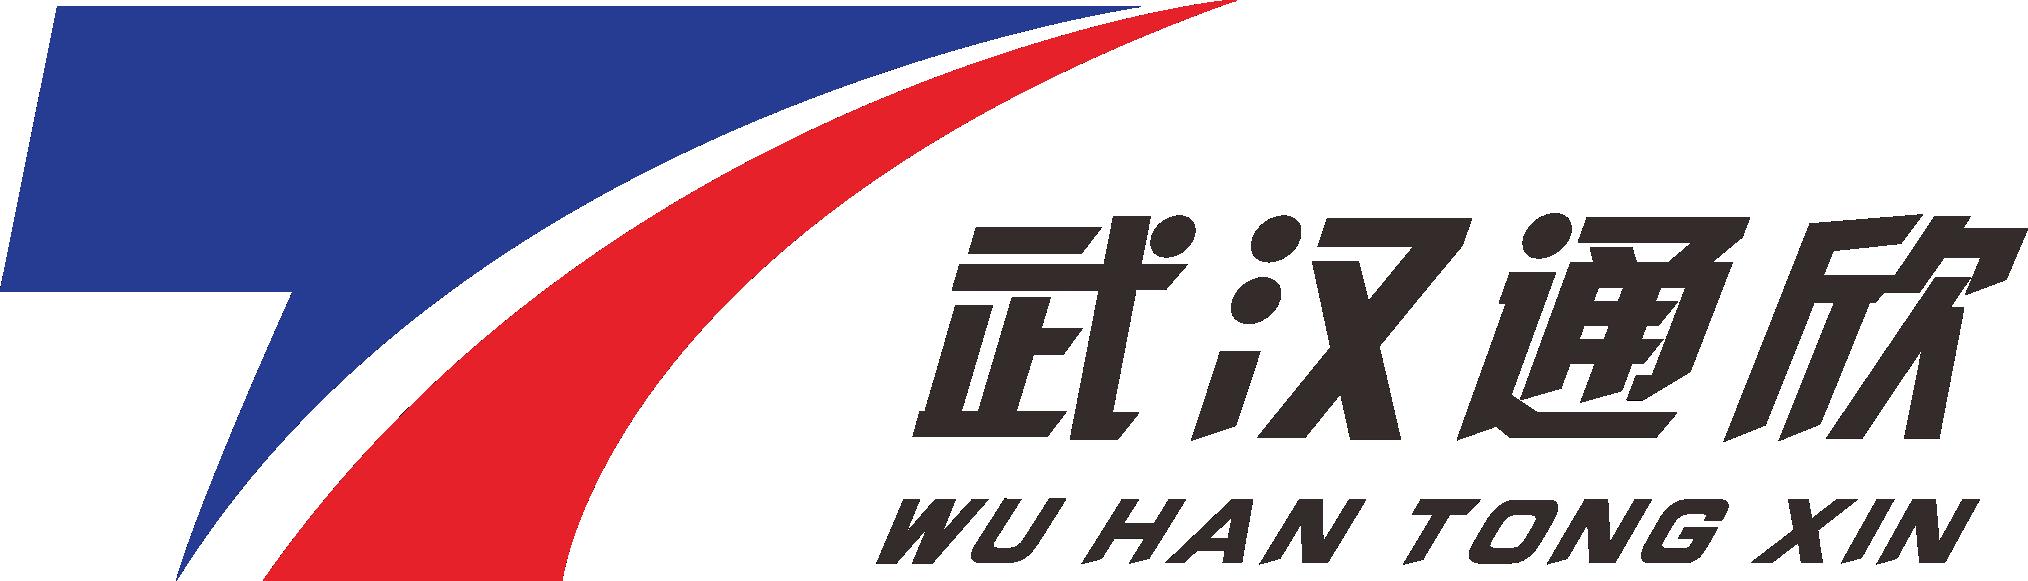 武漢通欣電力工程有限公司